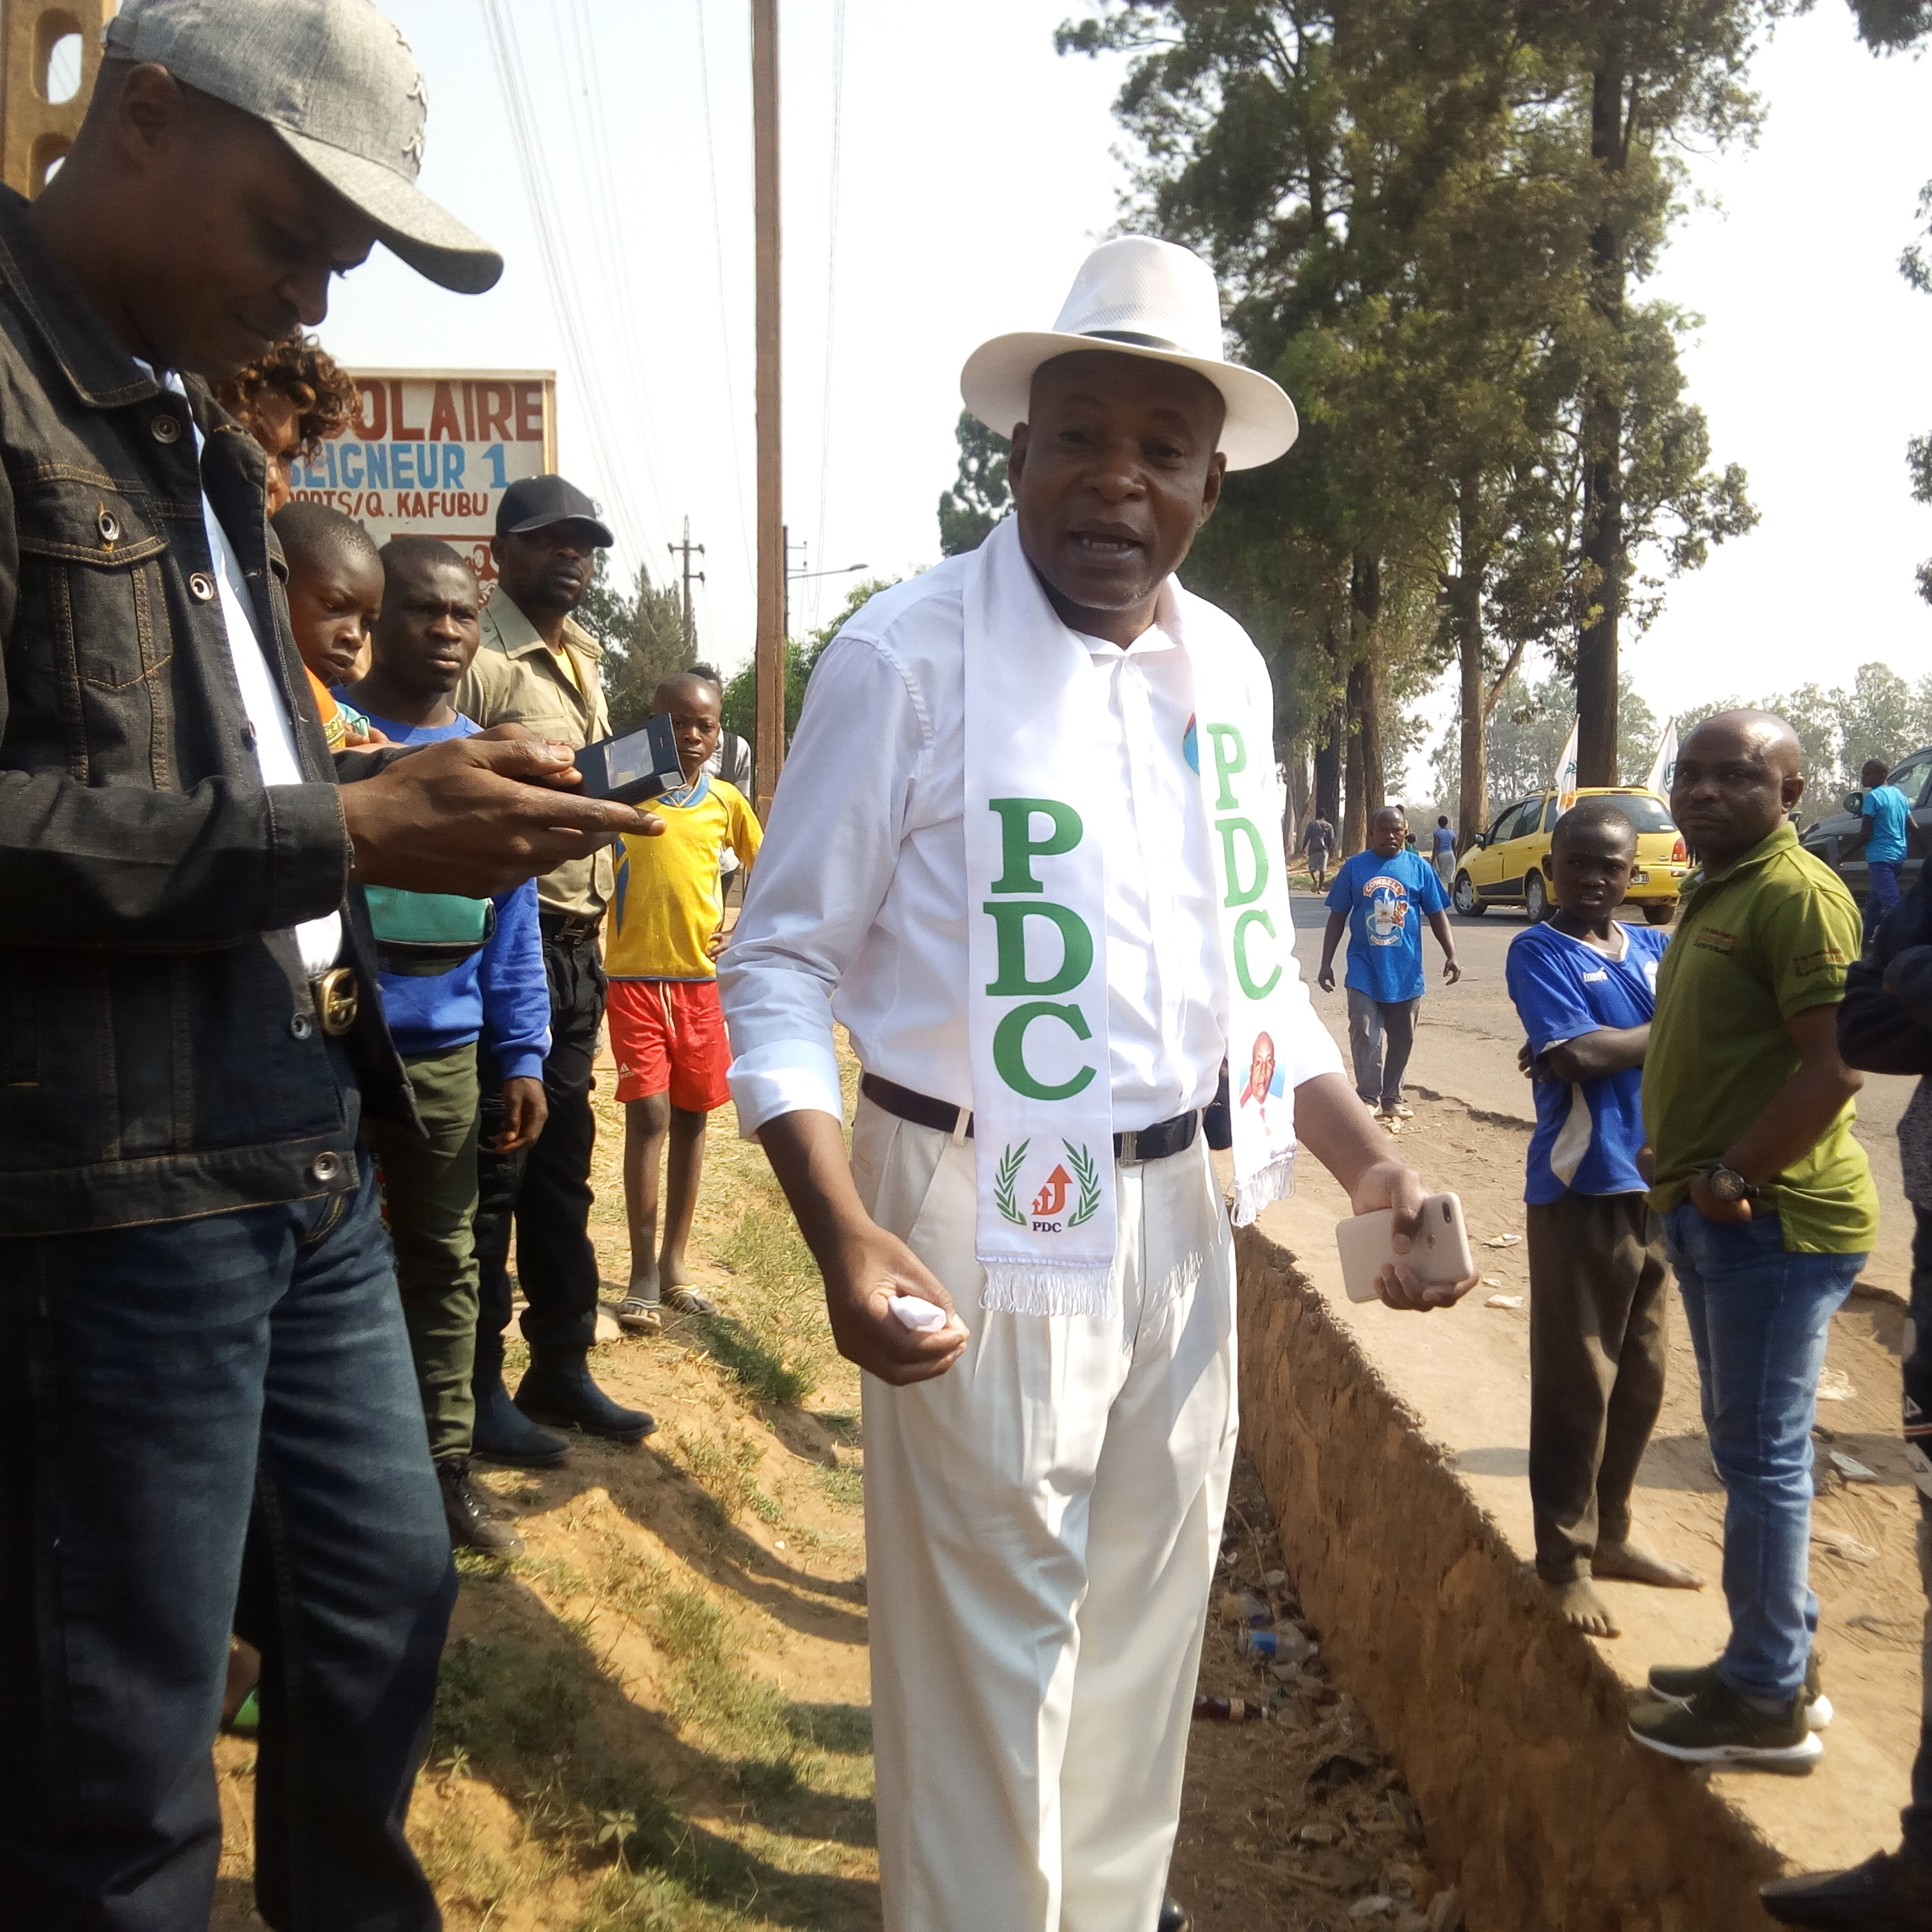 RDC: Meeting de l'opposition réprimé et l'écran géant destiné à la manifestation saisie par la police